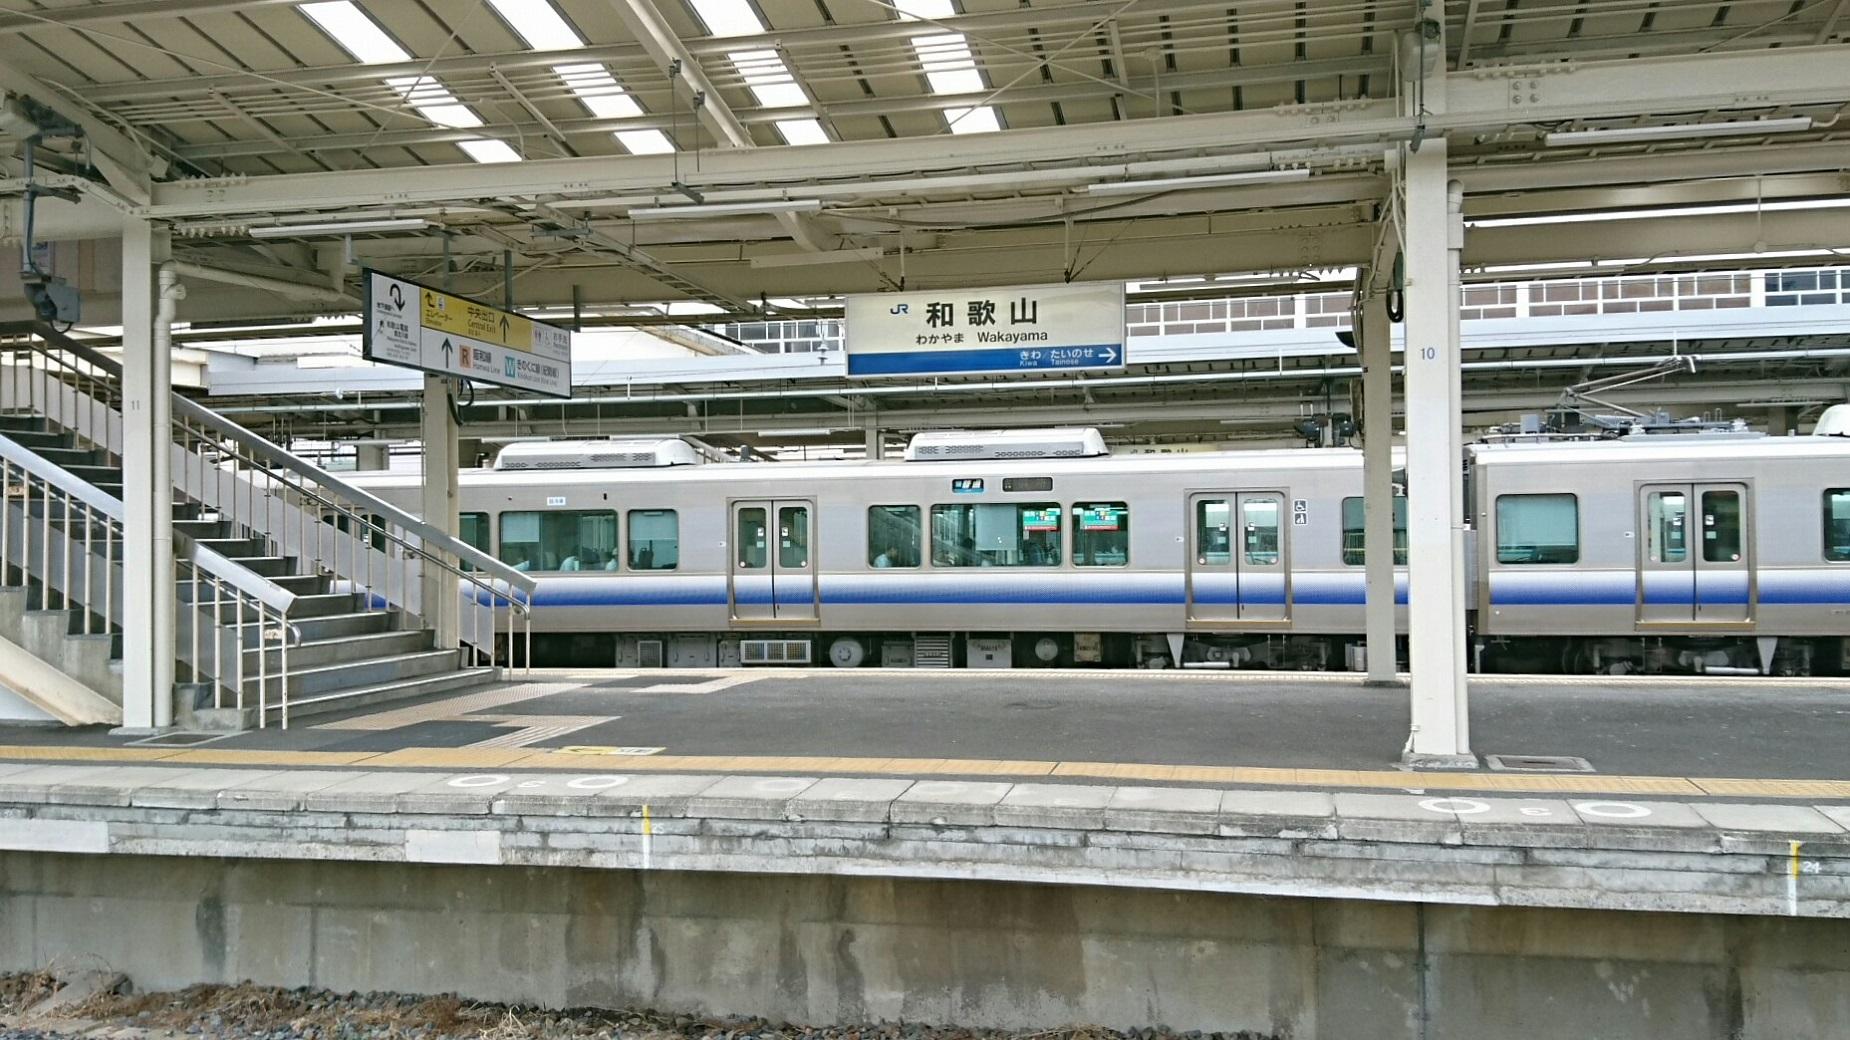 2017.8.17 たま電車 (8) 和歌山 - 御坊いきふつう 1850-1040